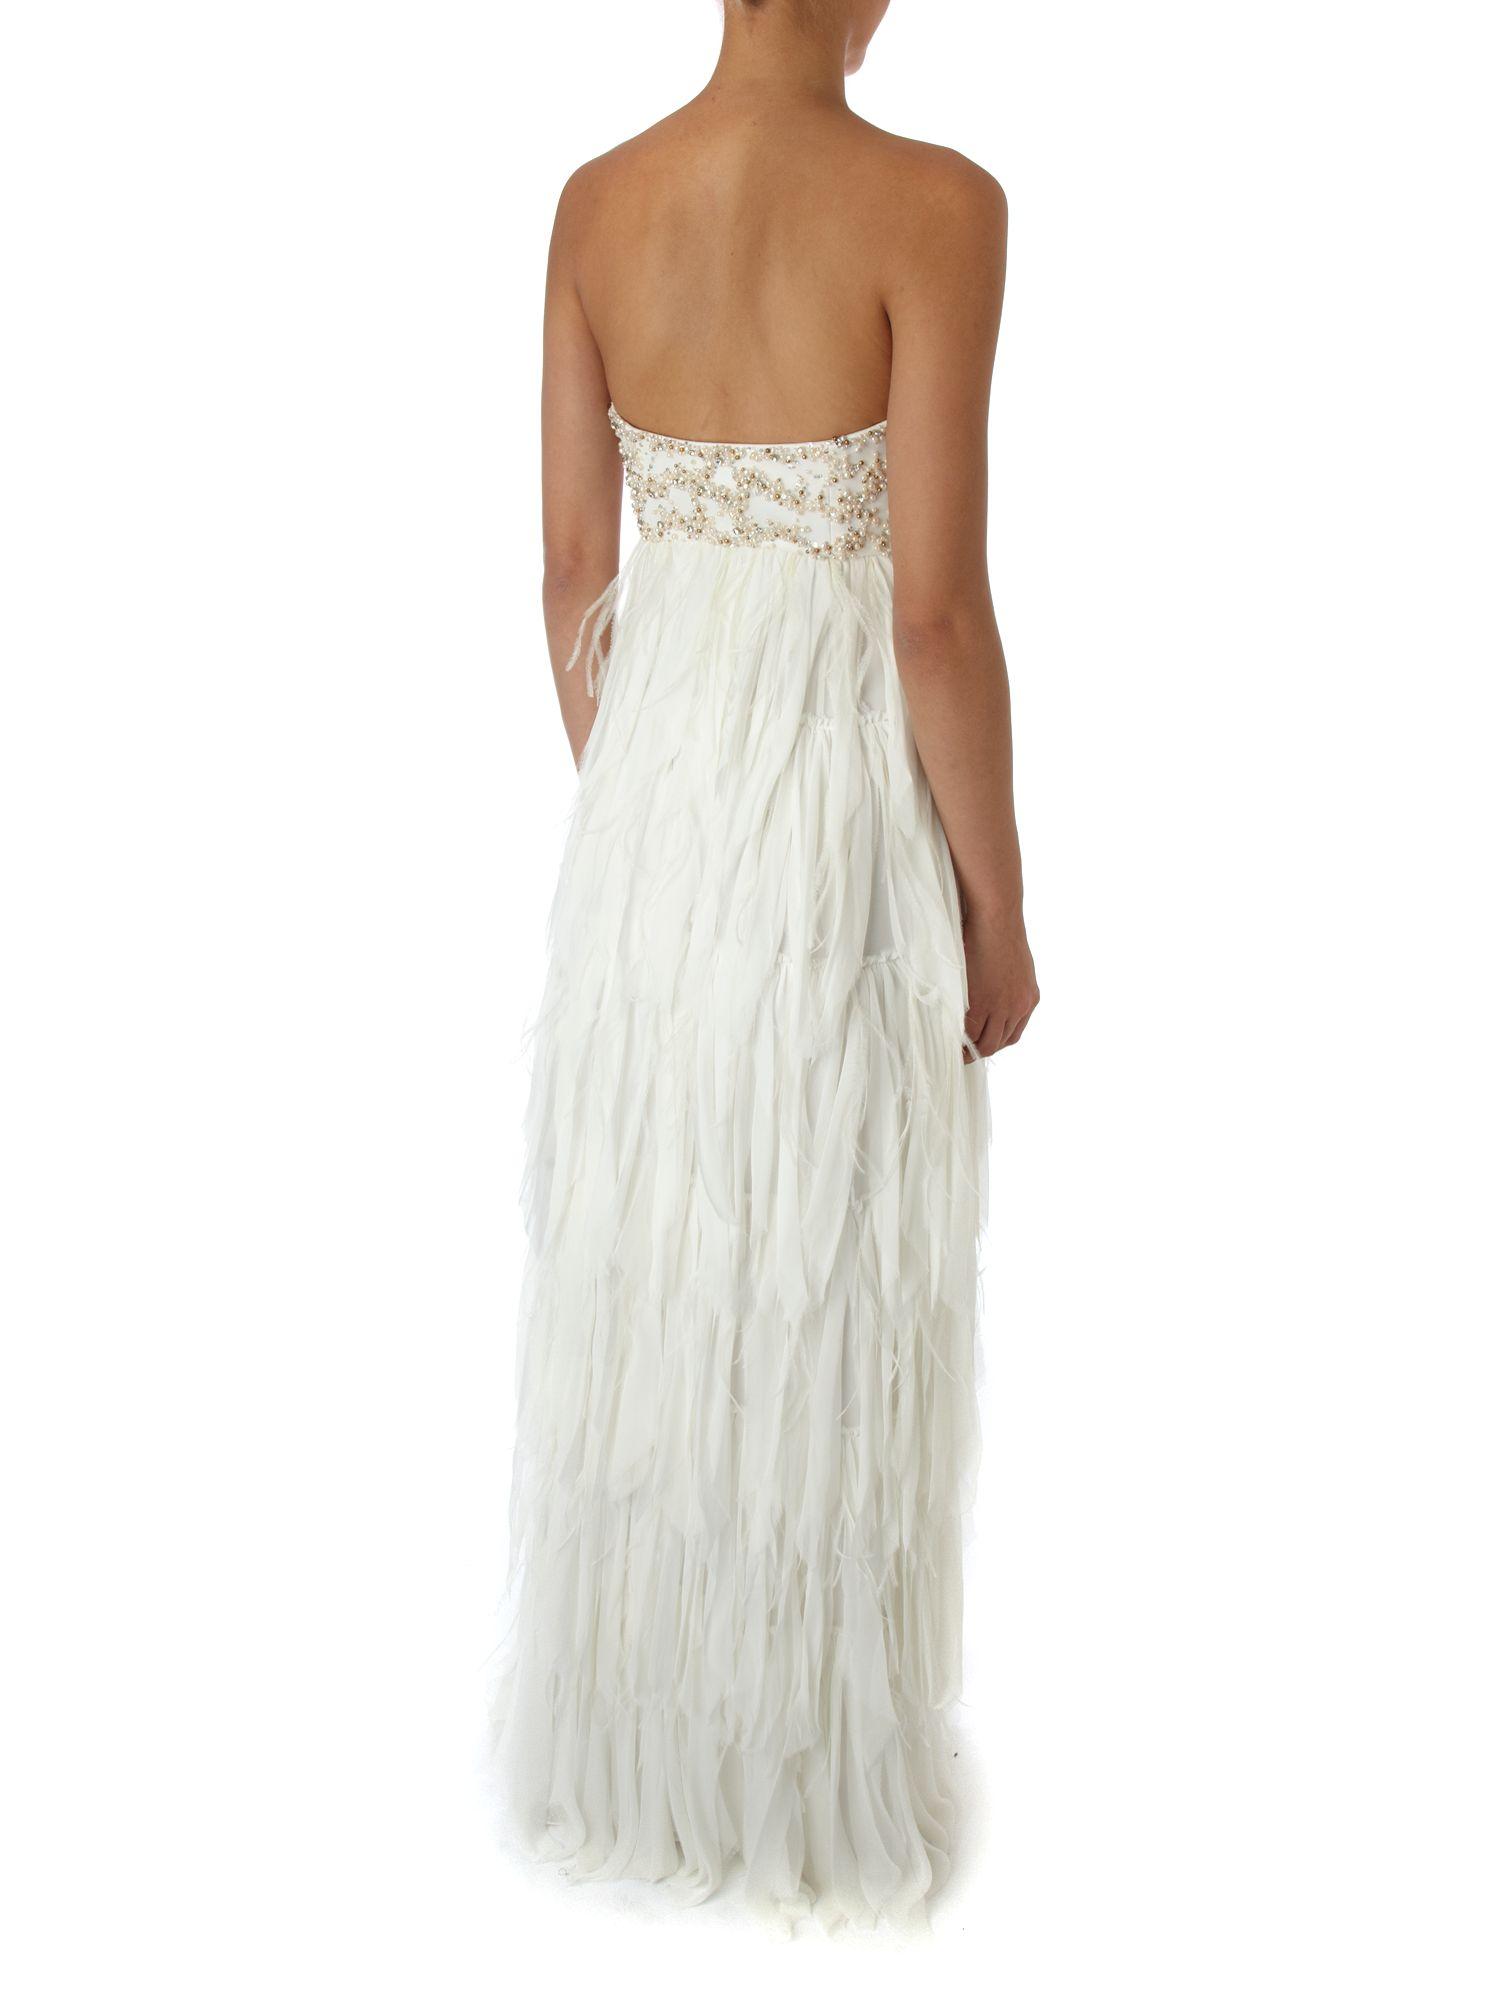 Anoushka g white dress pants